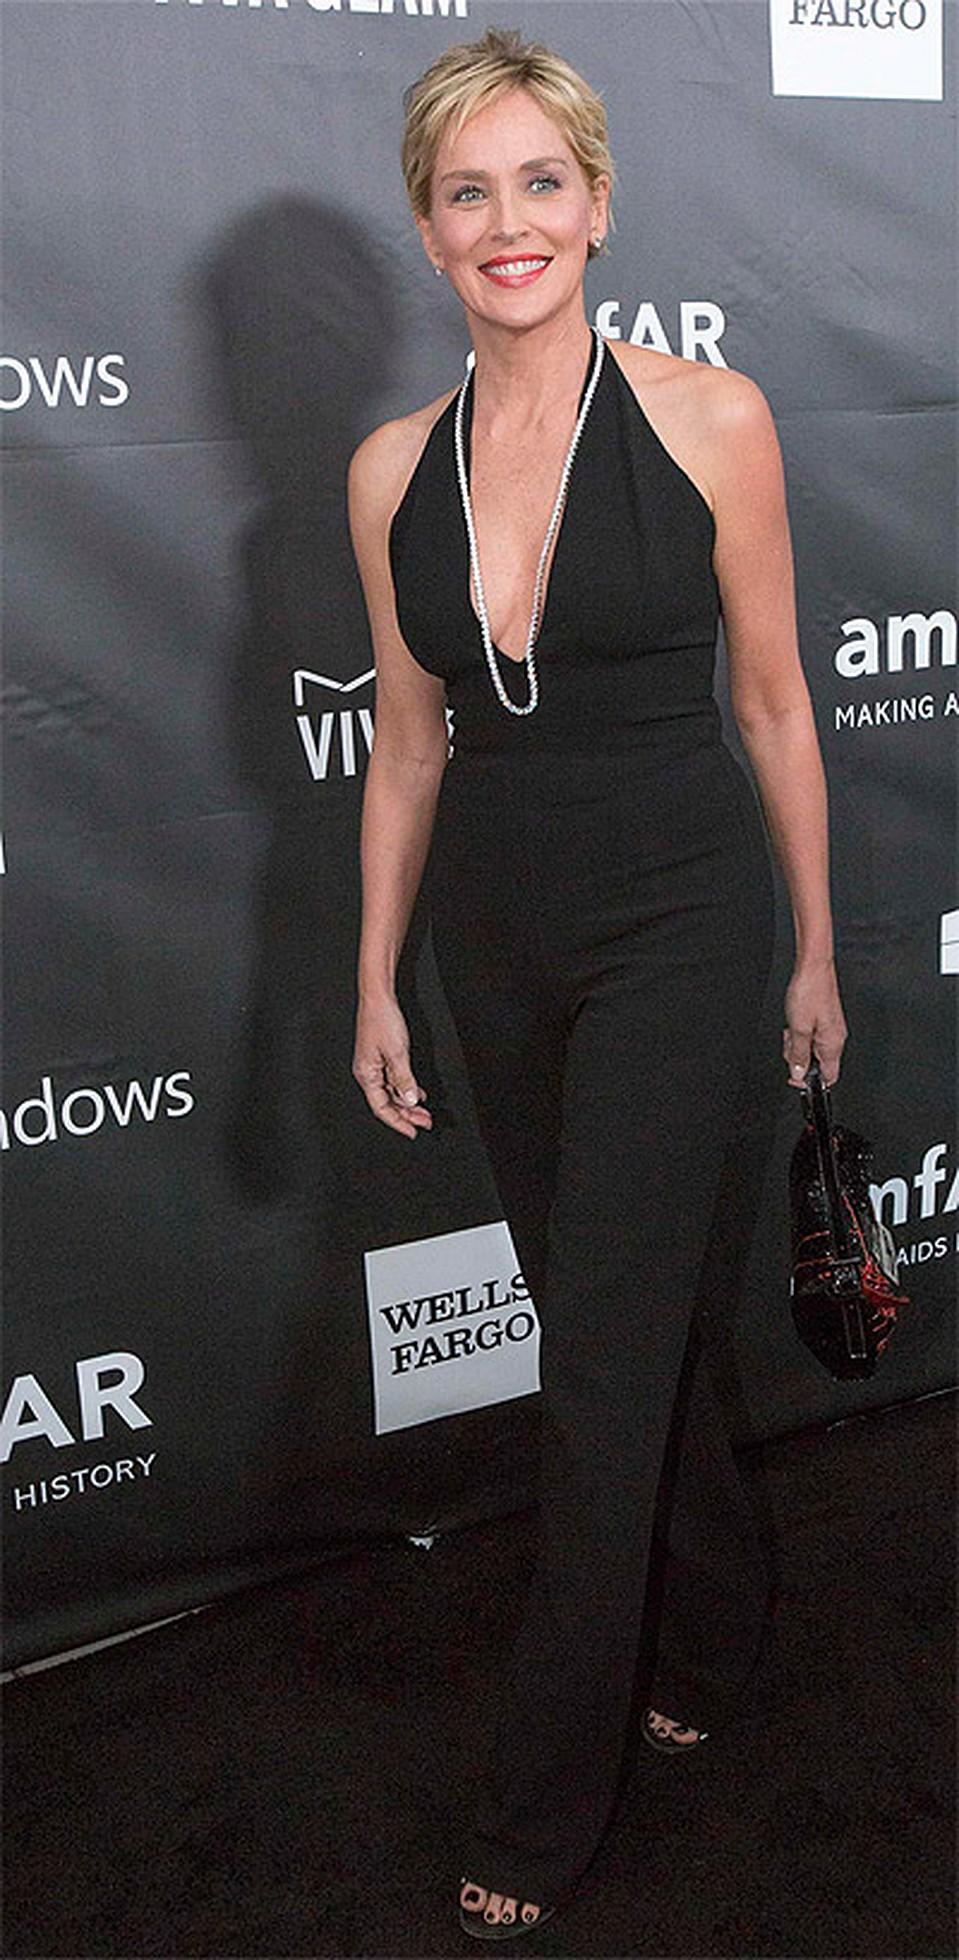 59-летняя Шэрон Стоун вышла в свет без макияжа и в платье с глубоким декольте